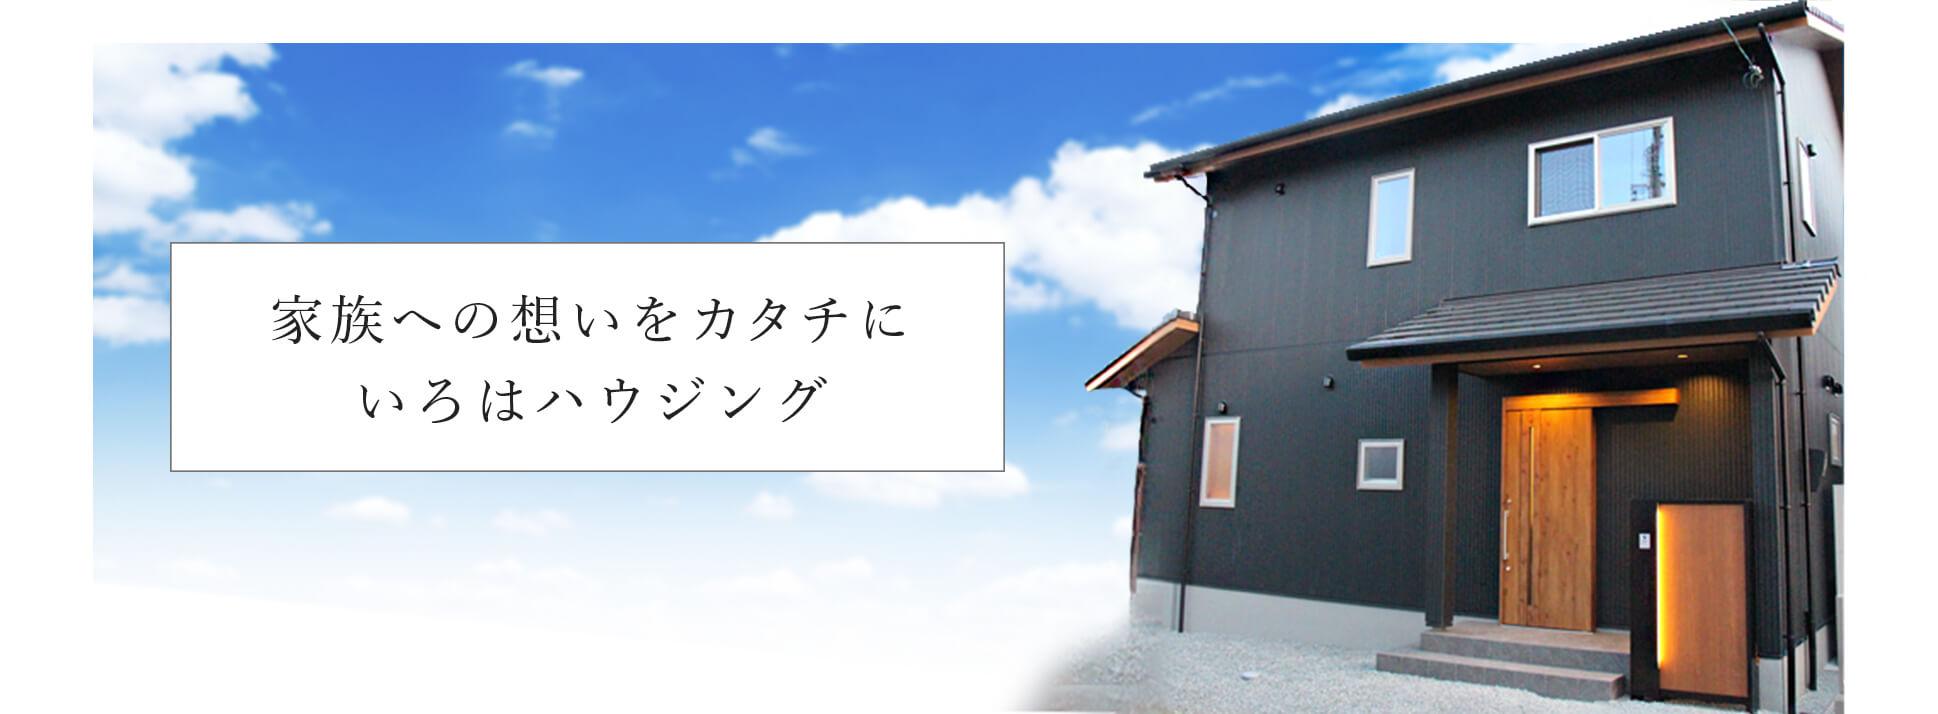 姫路市の注文住宅なら「いろはハウジング」